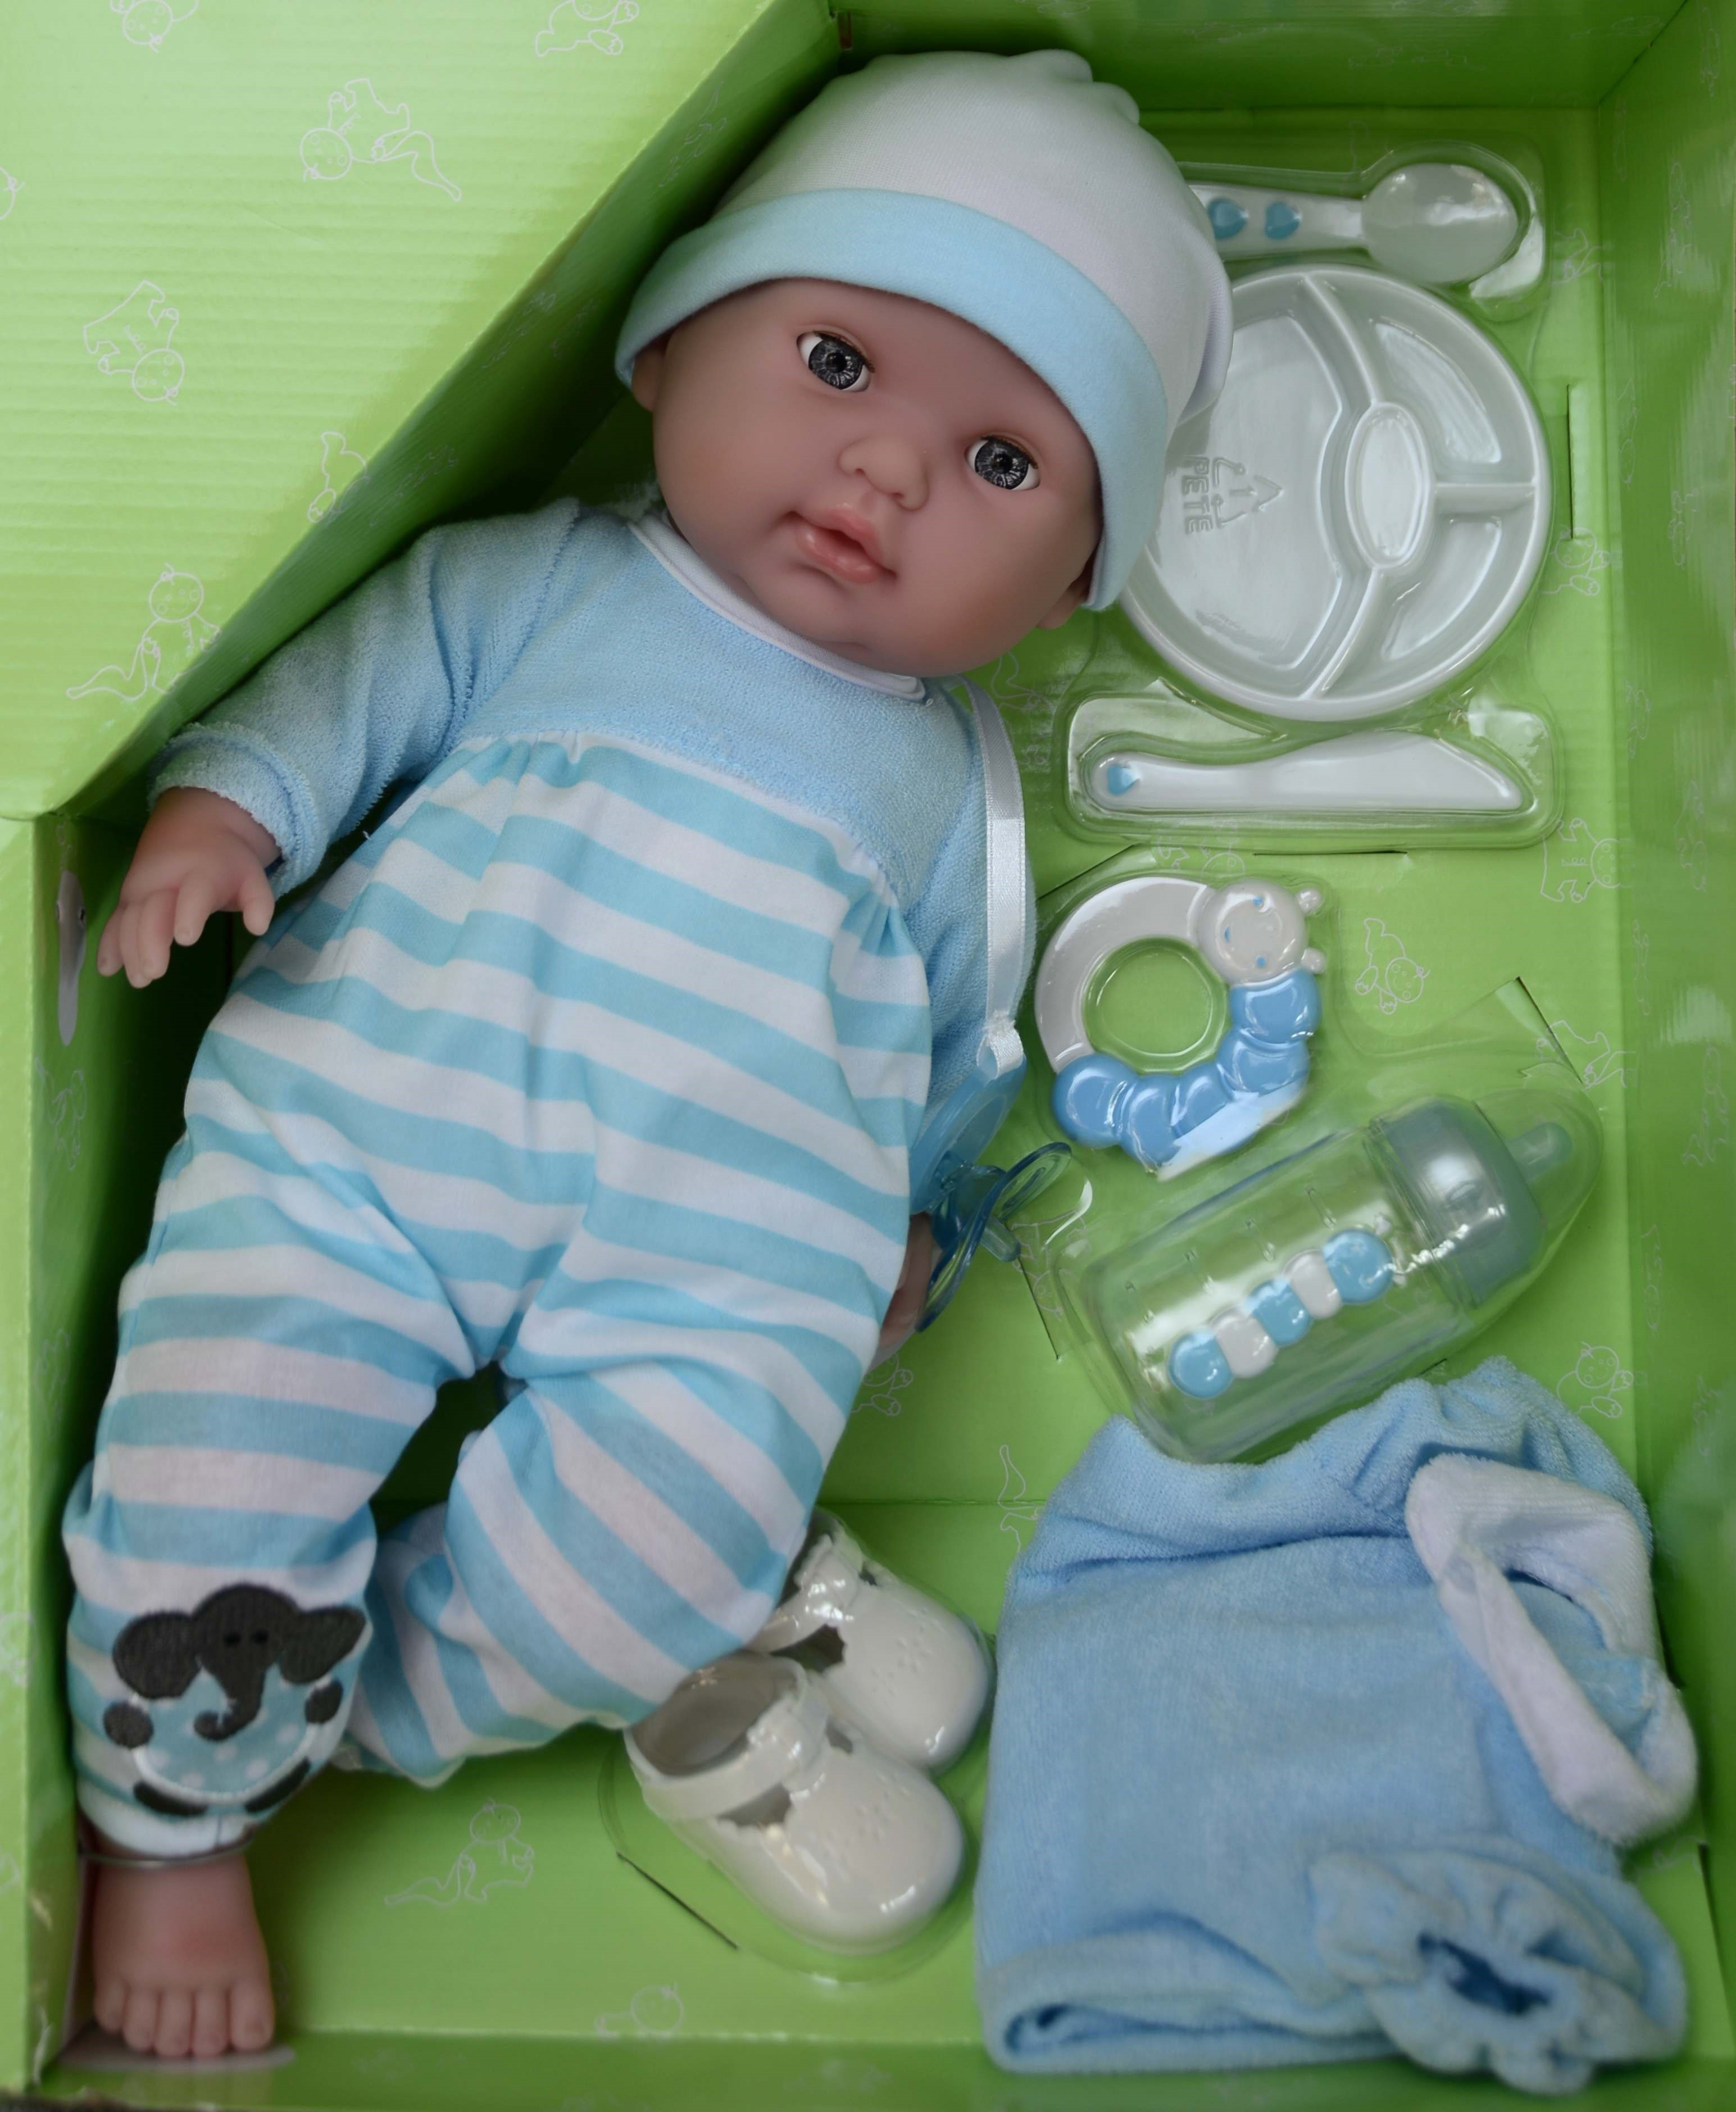 Mrkací panenka chlapeček Pedro s příslušenstvím od firmy Berenguer (JC Toys - Berenguer)